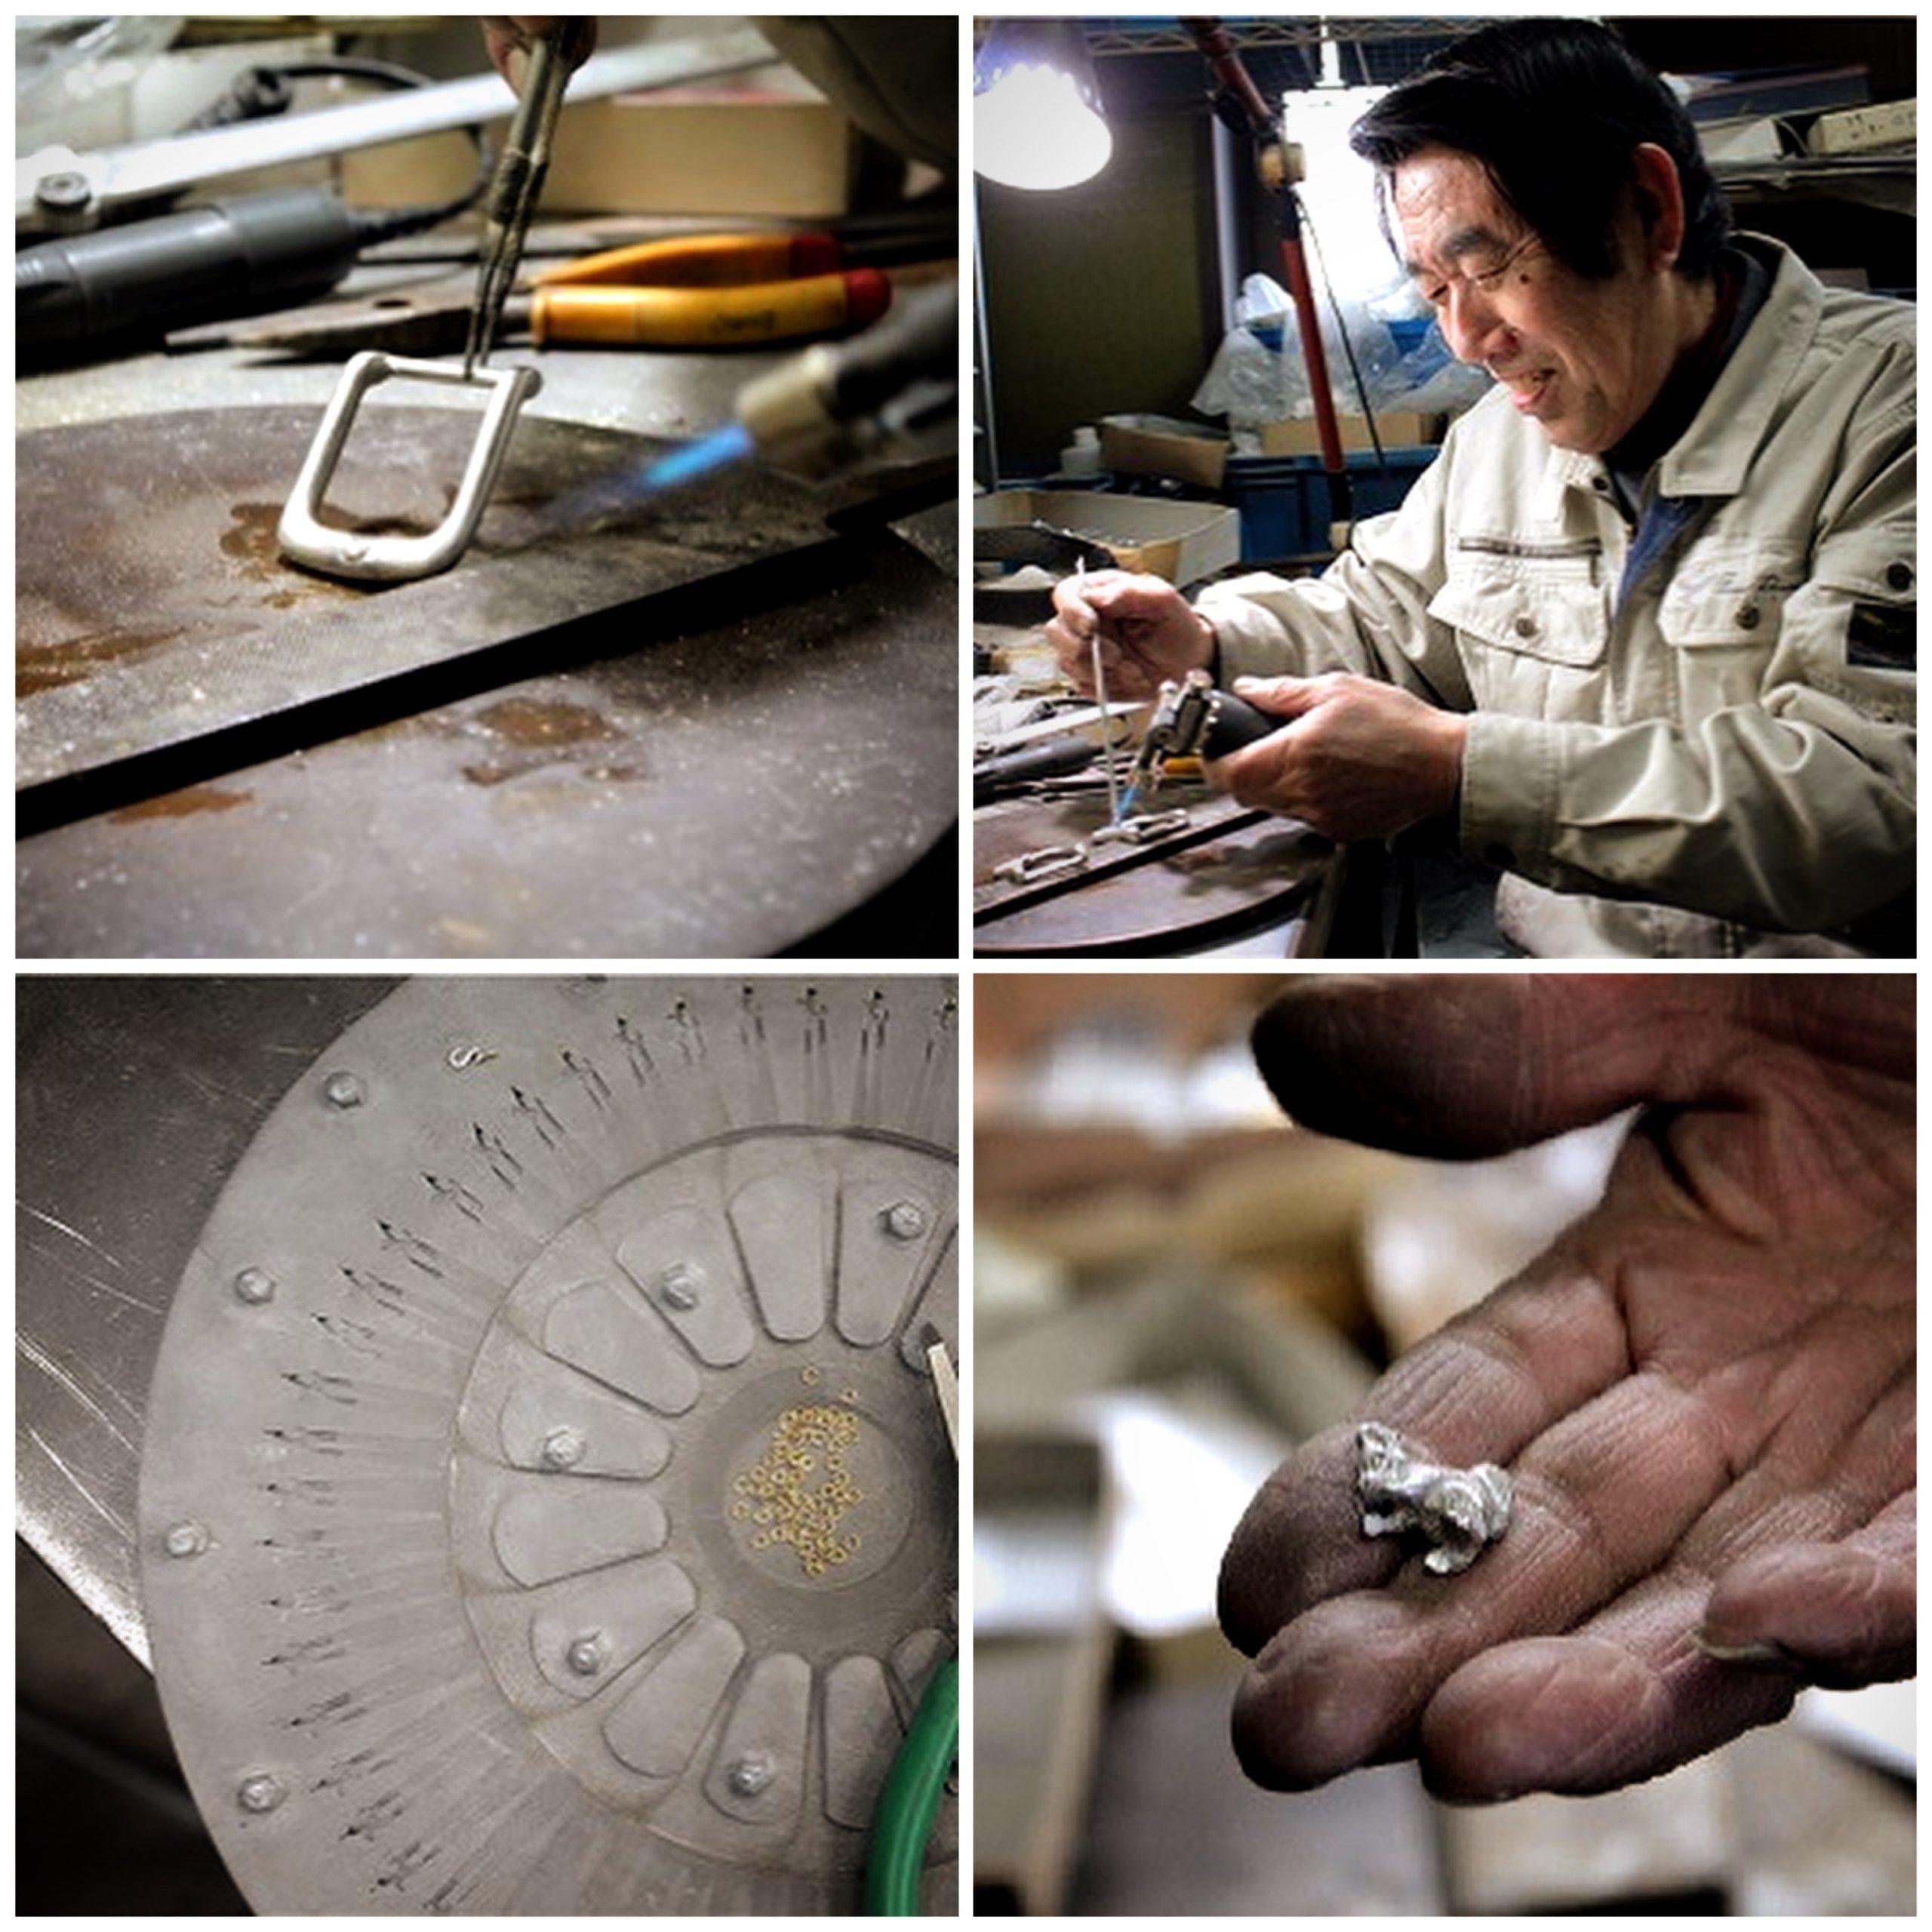 通常は、共通のデザインでも複数の用途に使用するオリジナル金具は、それぞれの用途に合わせて複数金型を作成する必要がありますが、メタルハウスでは、裏 面に様々な用途のパーツを溶接することで、1つの金型にて、複数の用途に使用可能なオリジナル金具を作成することが可能になりました。